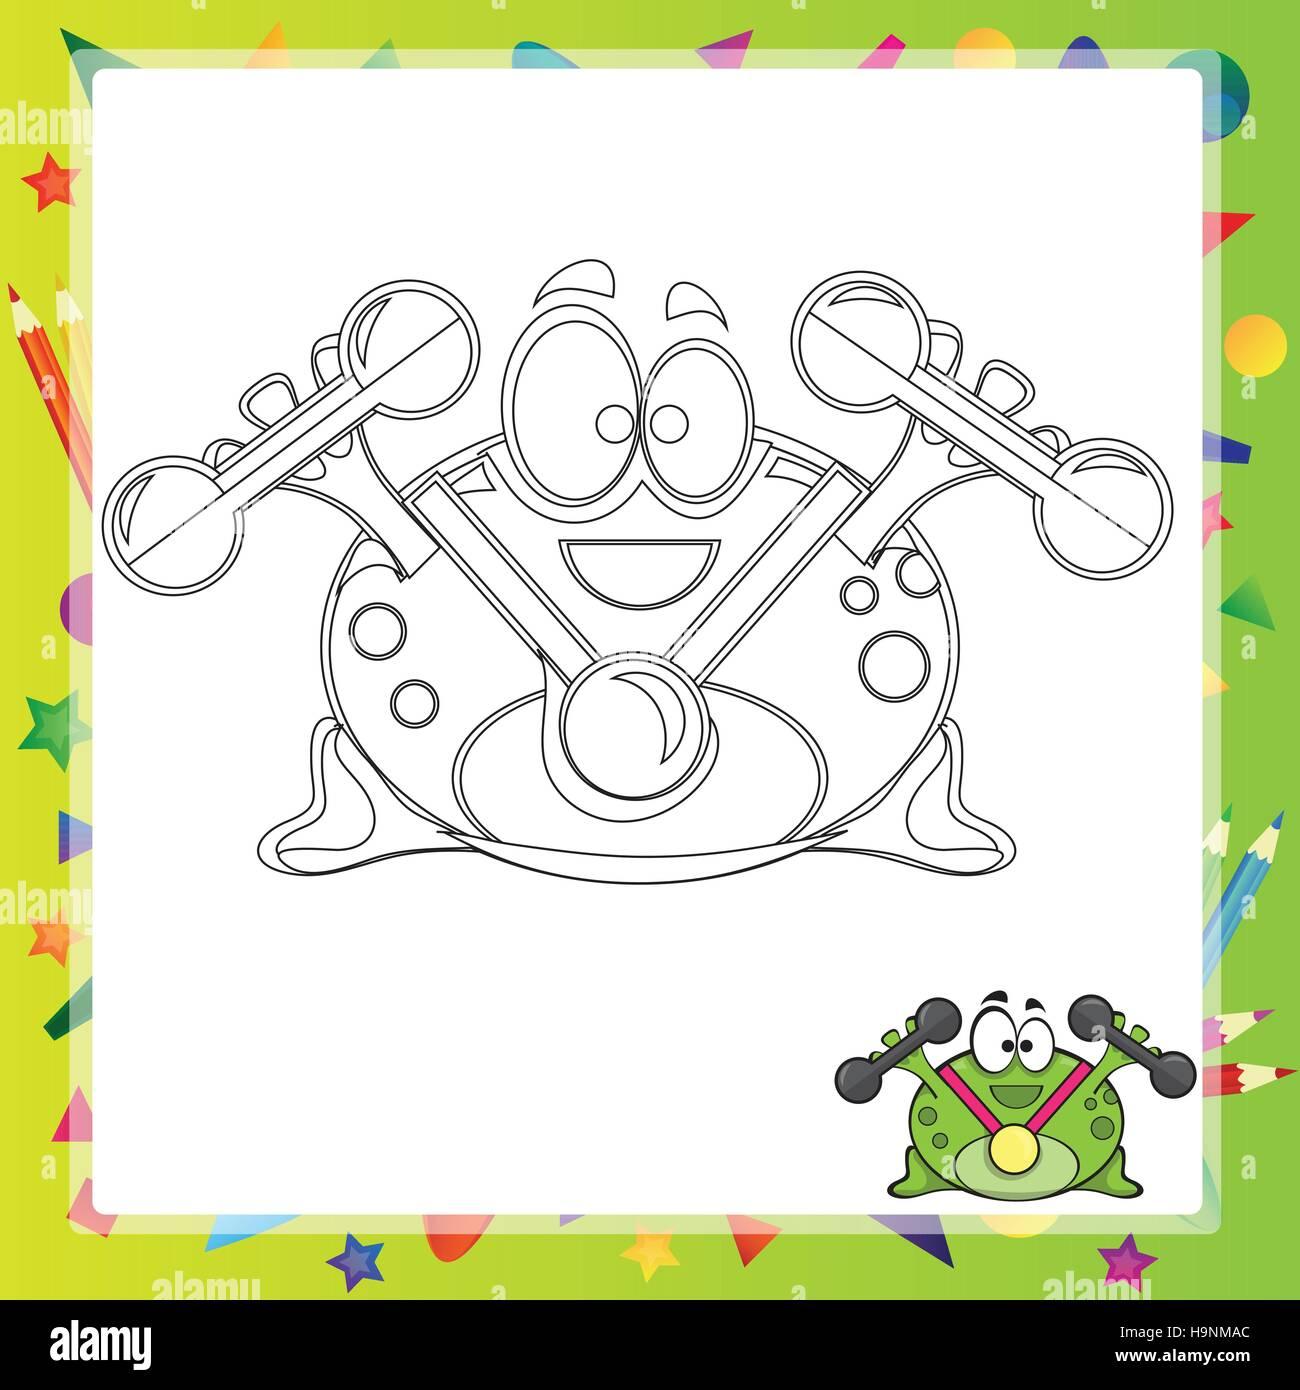 Illustration der Cartoon Frosch - Malbuch - Vektor Vektor Abbildung ...